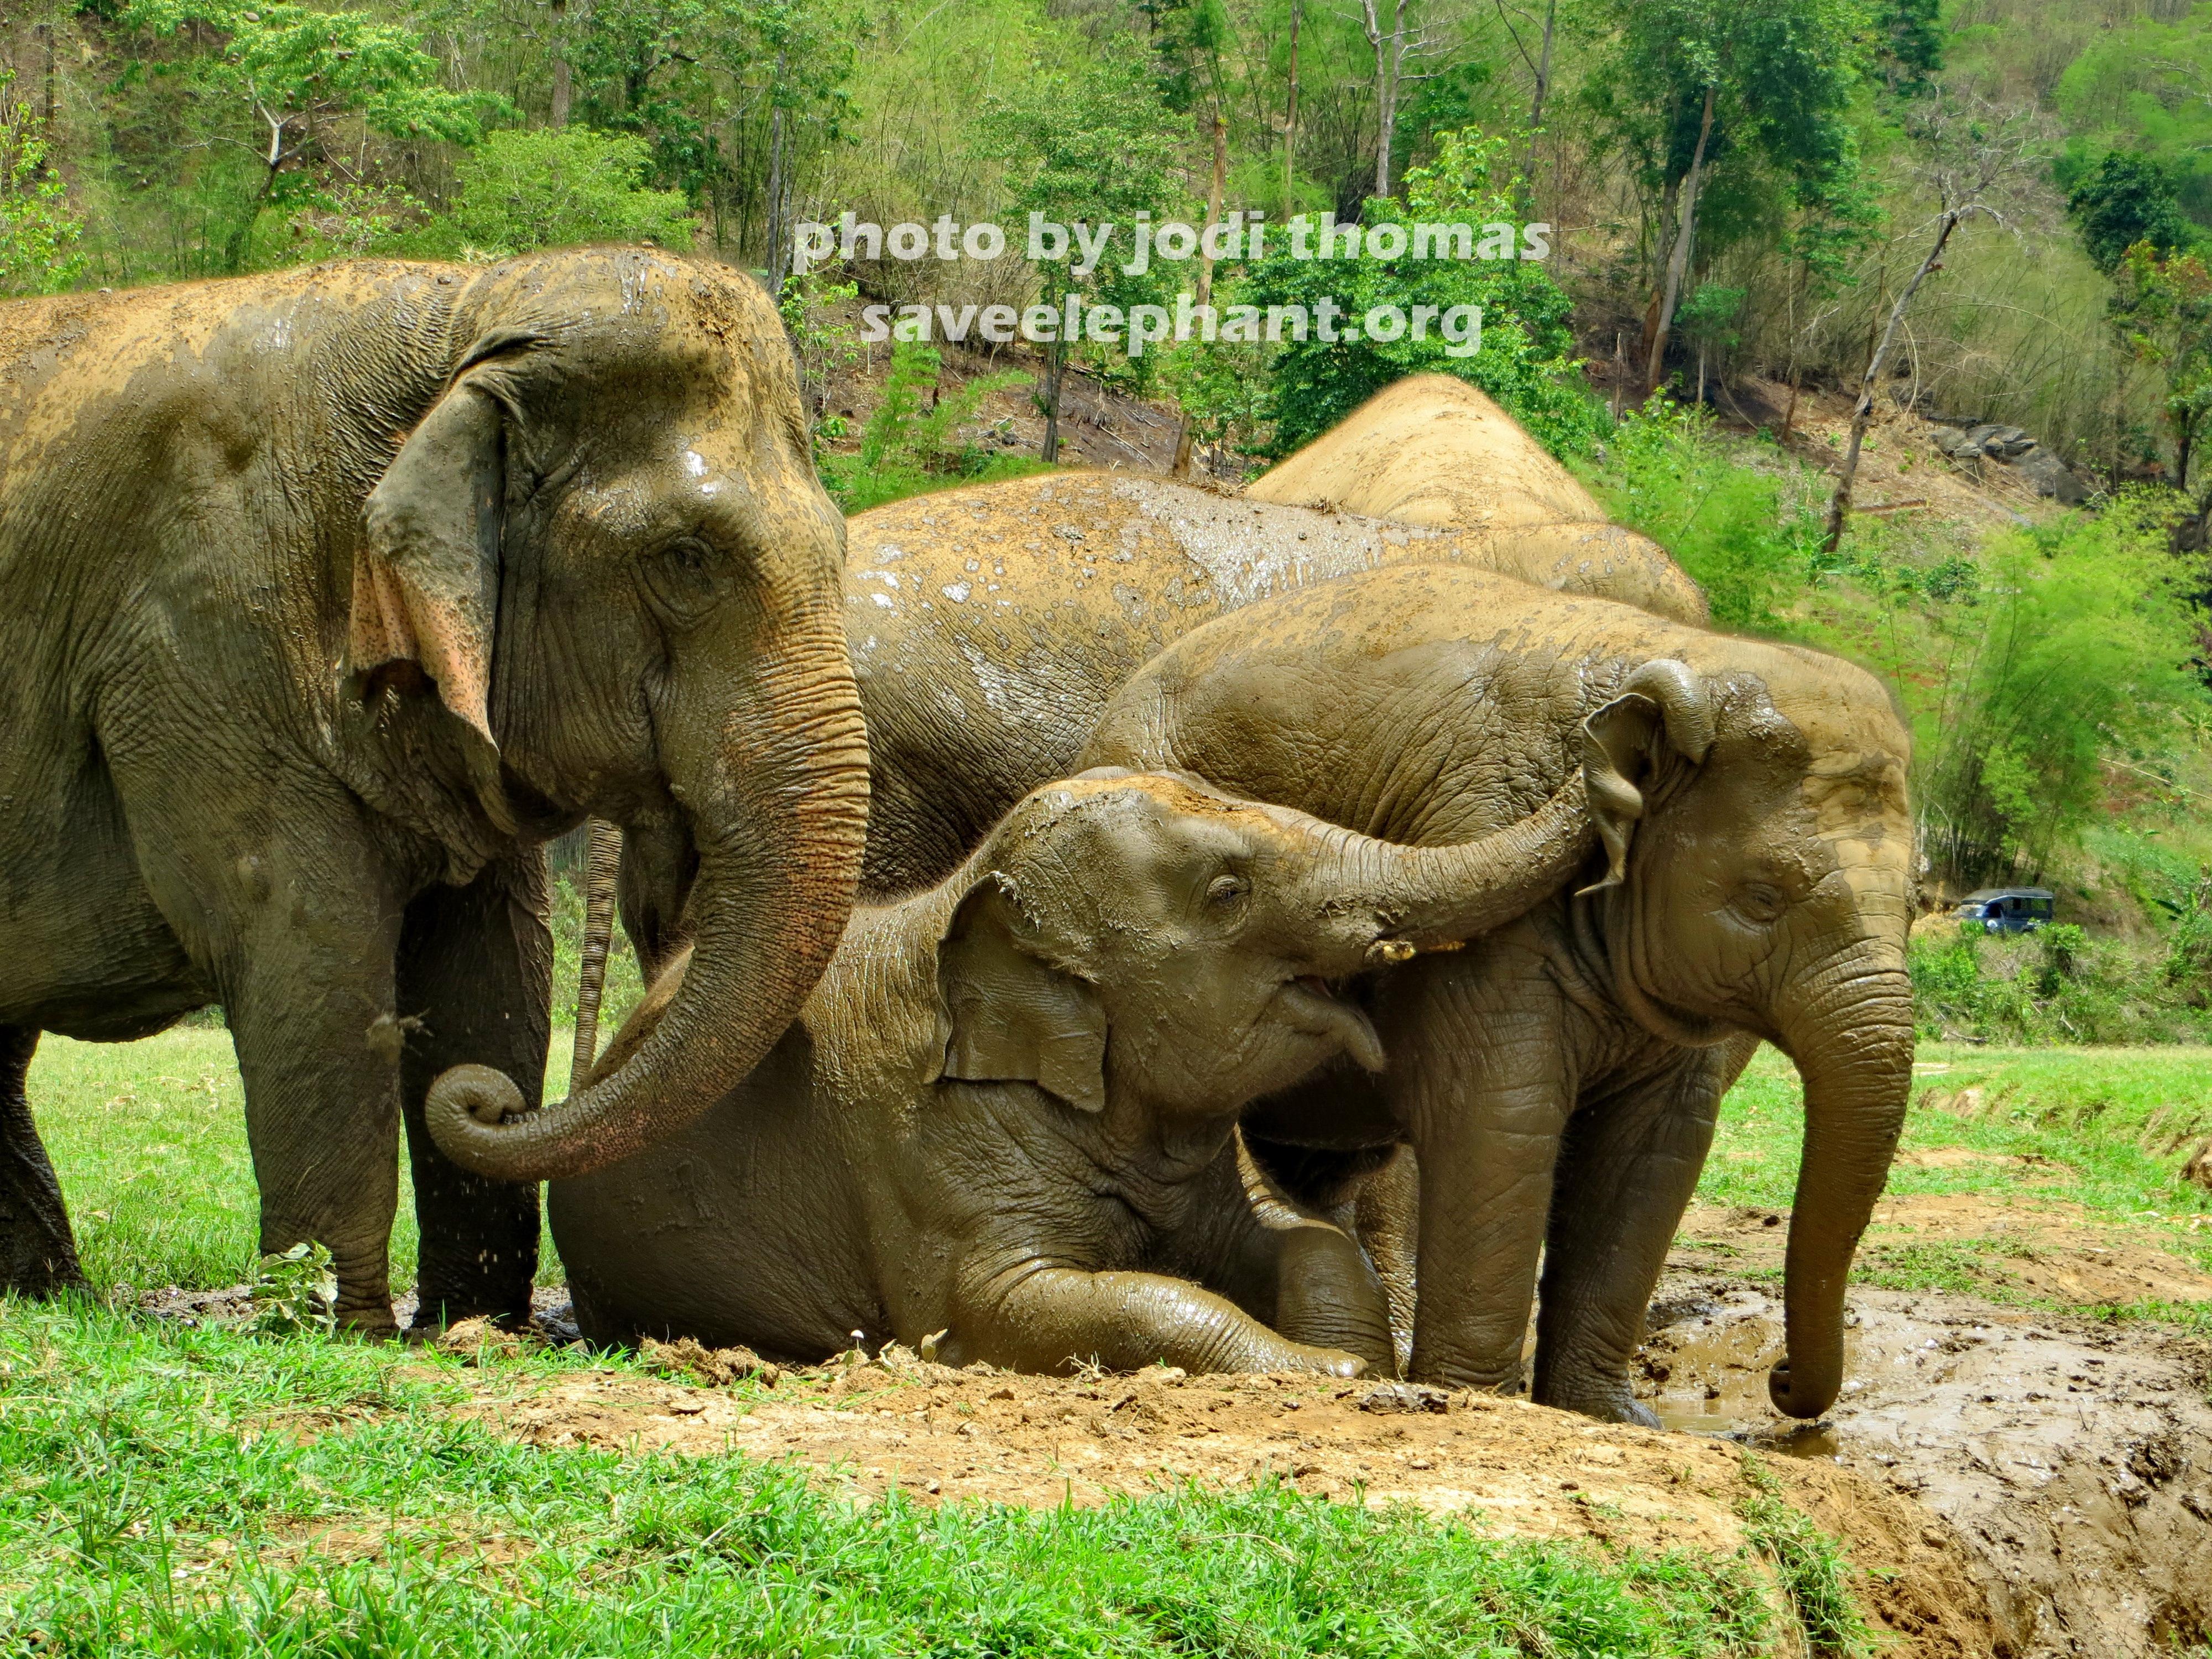 Baby elephant archives save elephant foundation online news - Image elephant ...